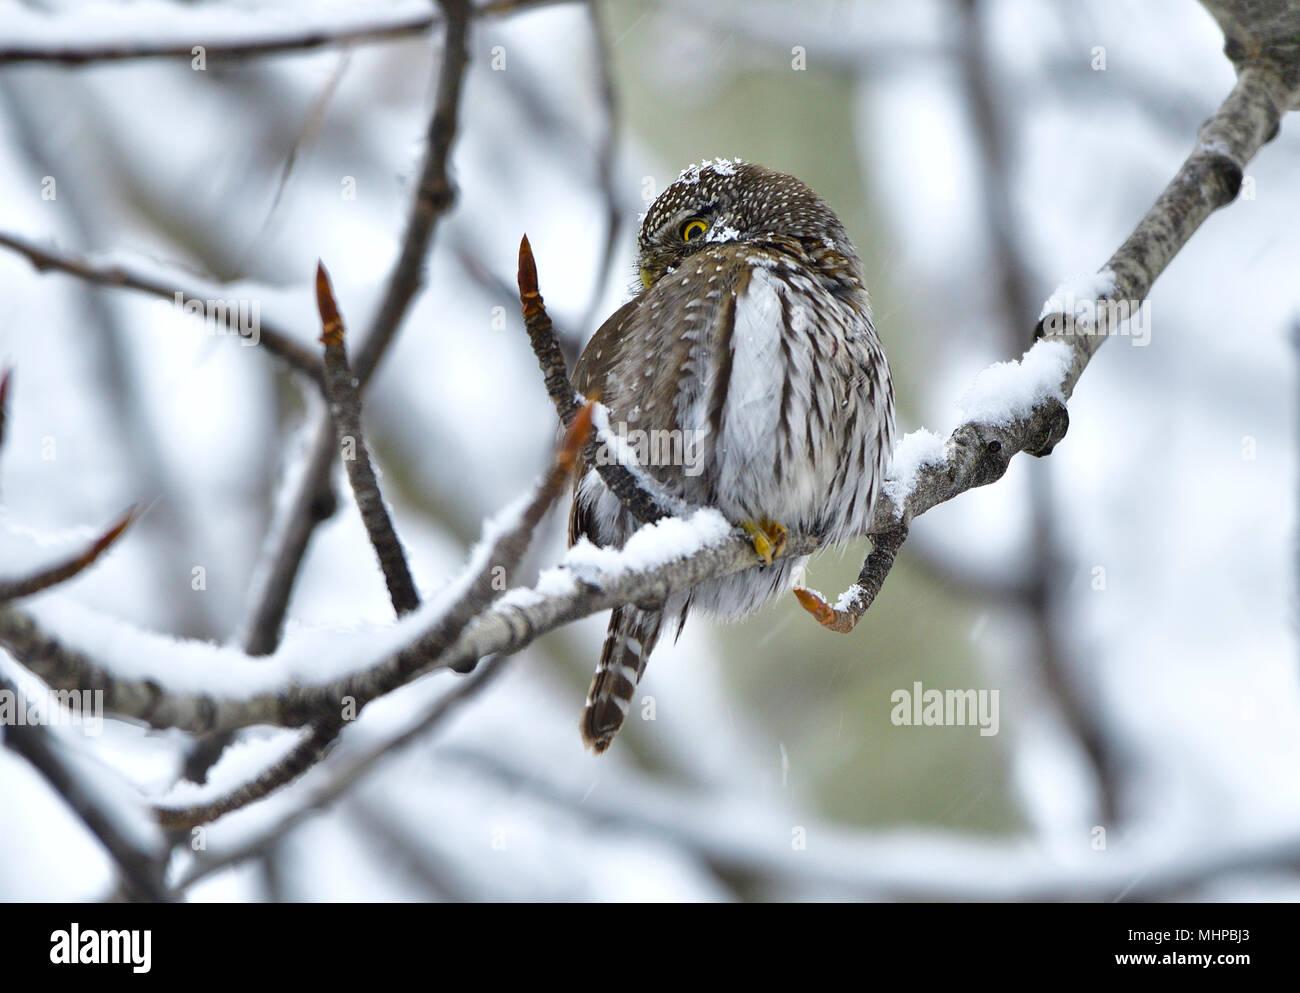 Eine kleine Nördliche Sperlingskauz (Glaucidium gnoma) auf eine Zweigniederlassung einer Pappel während eines Frühling Schnee Sturm in ländlichen Alberta Kanada über seine Suche gehockt Stockbild